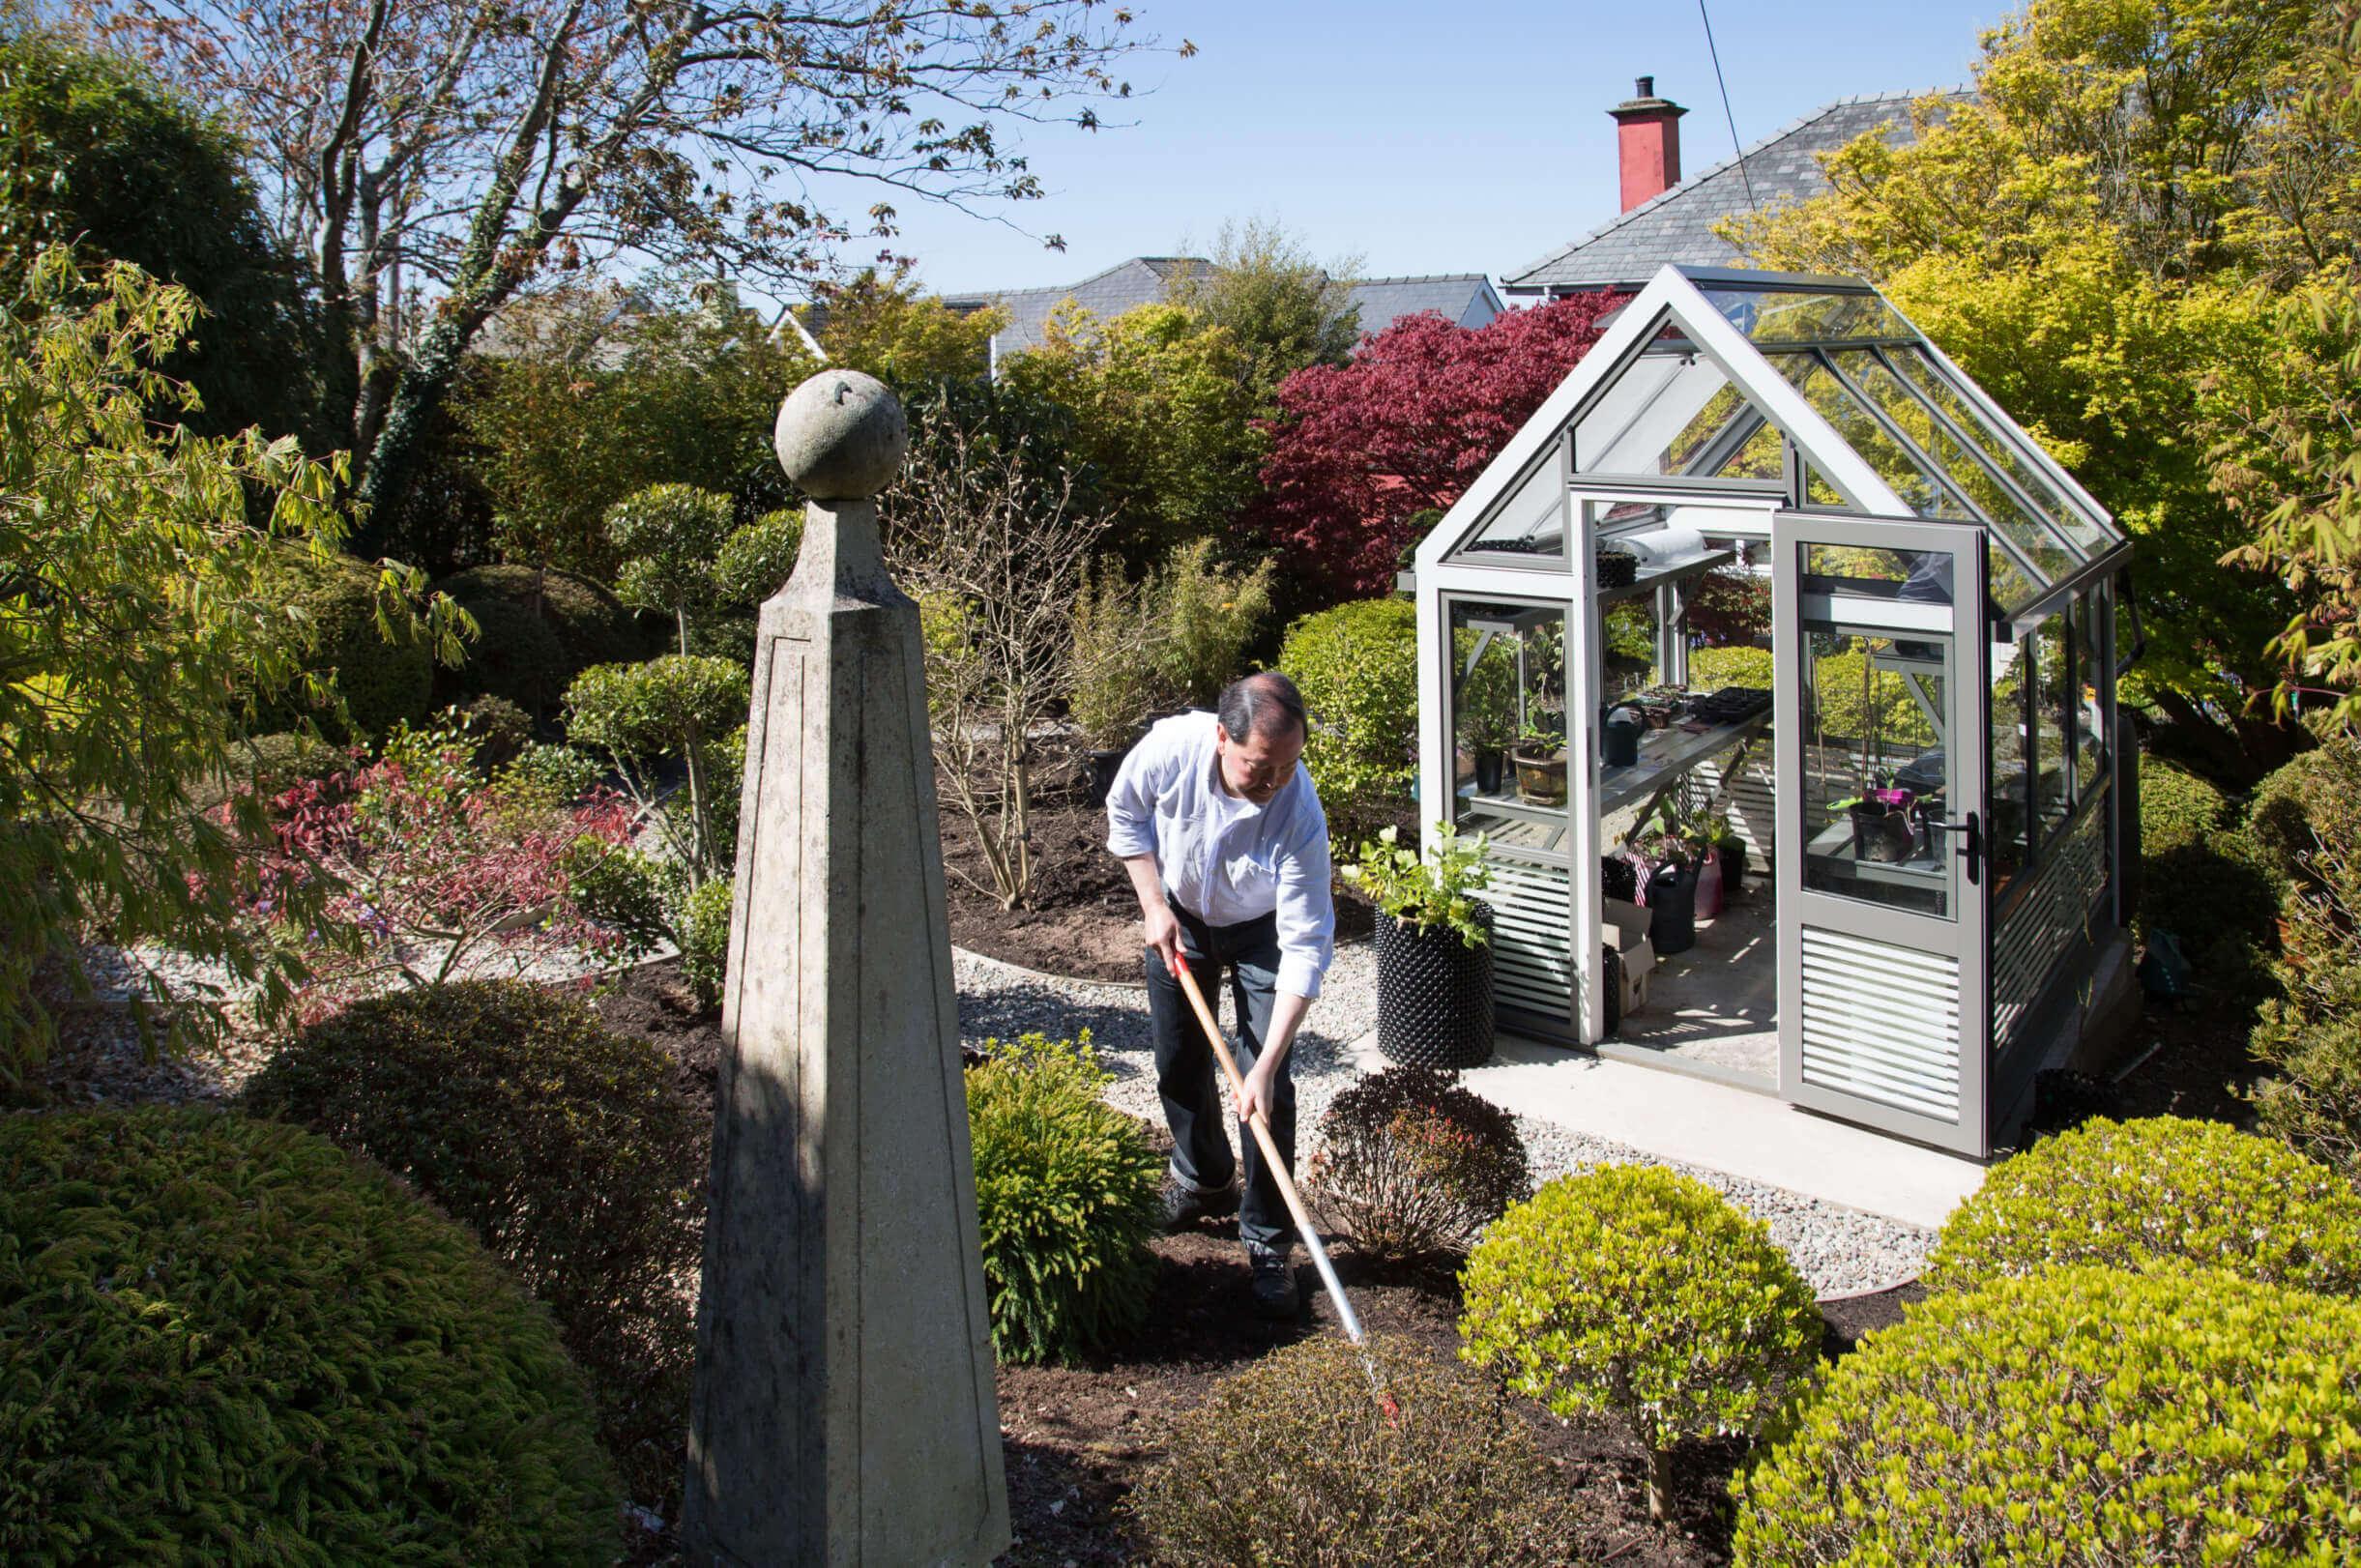 Gardening around a greenhouse